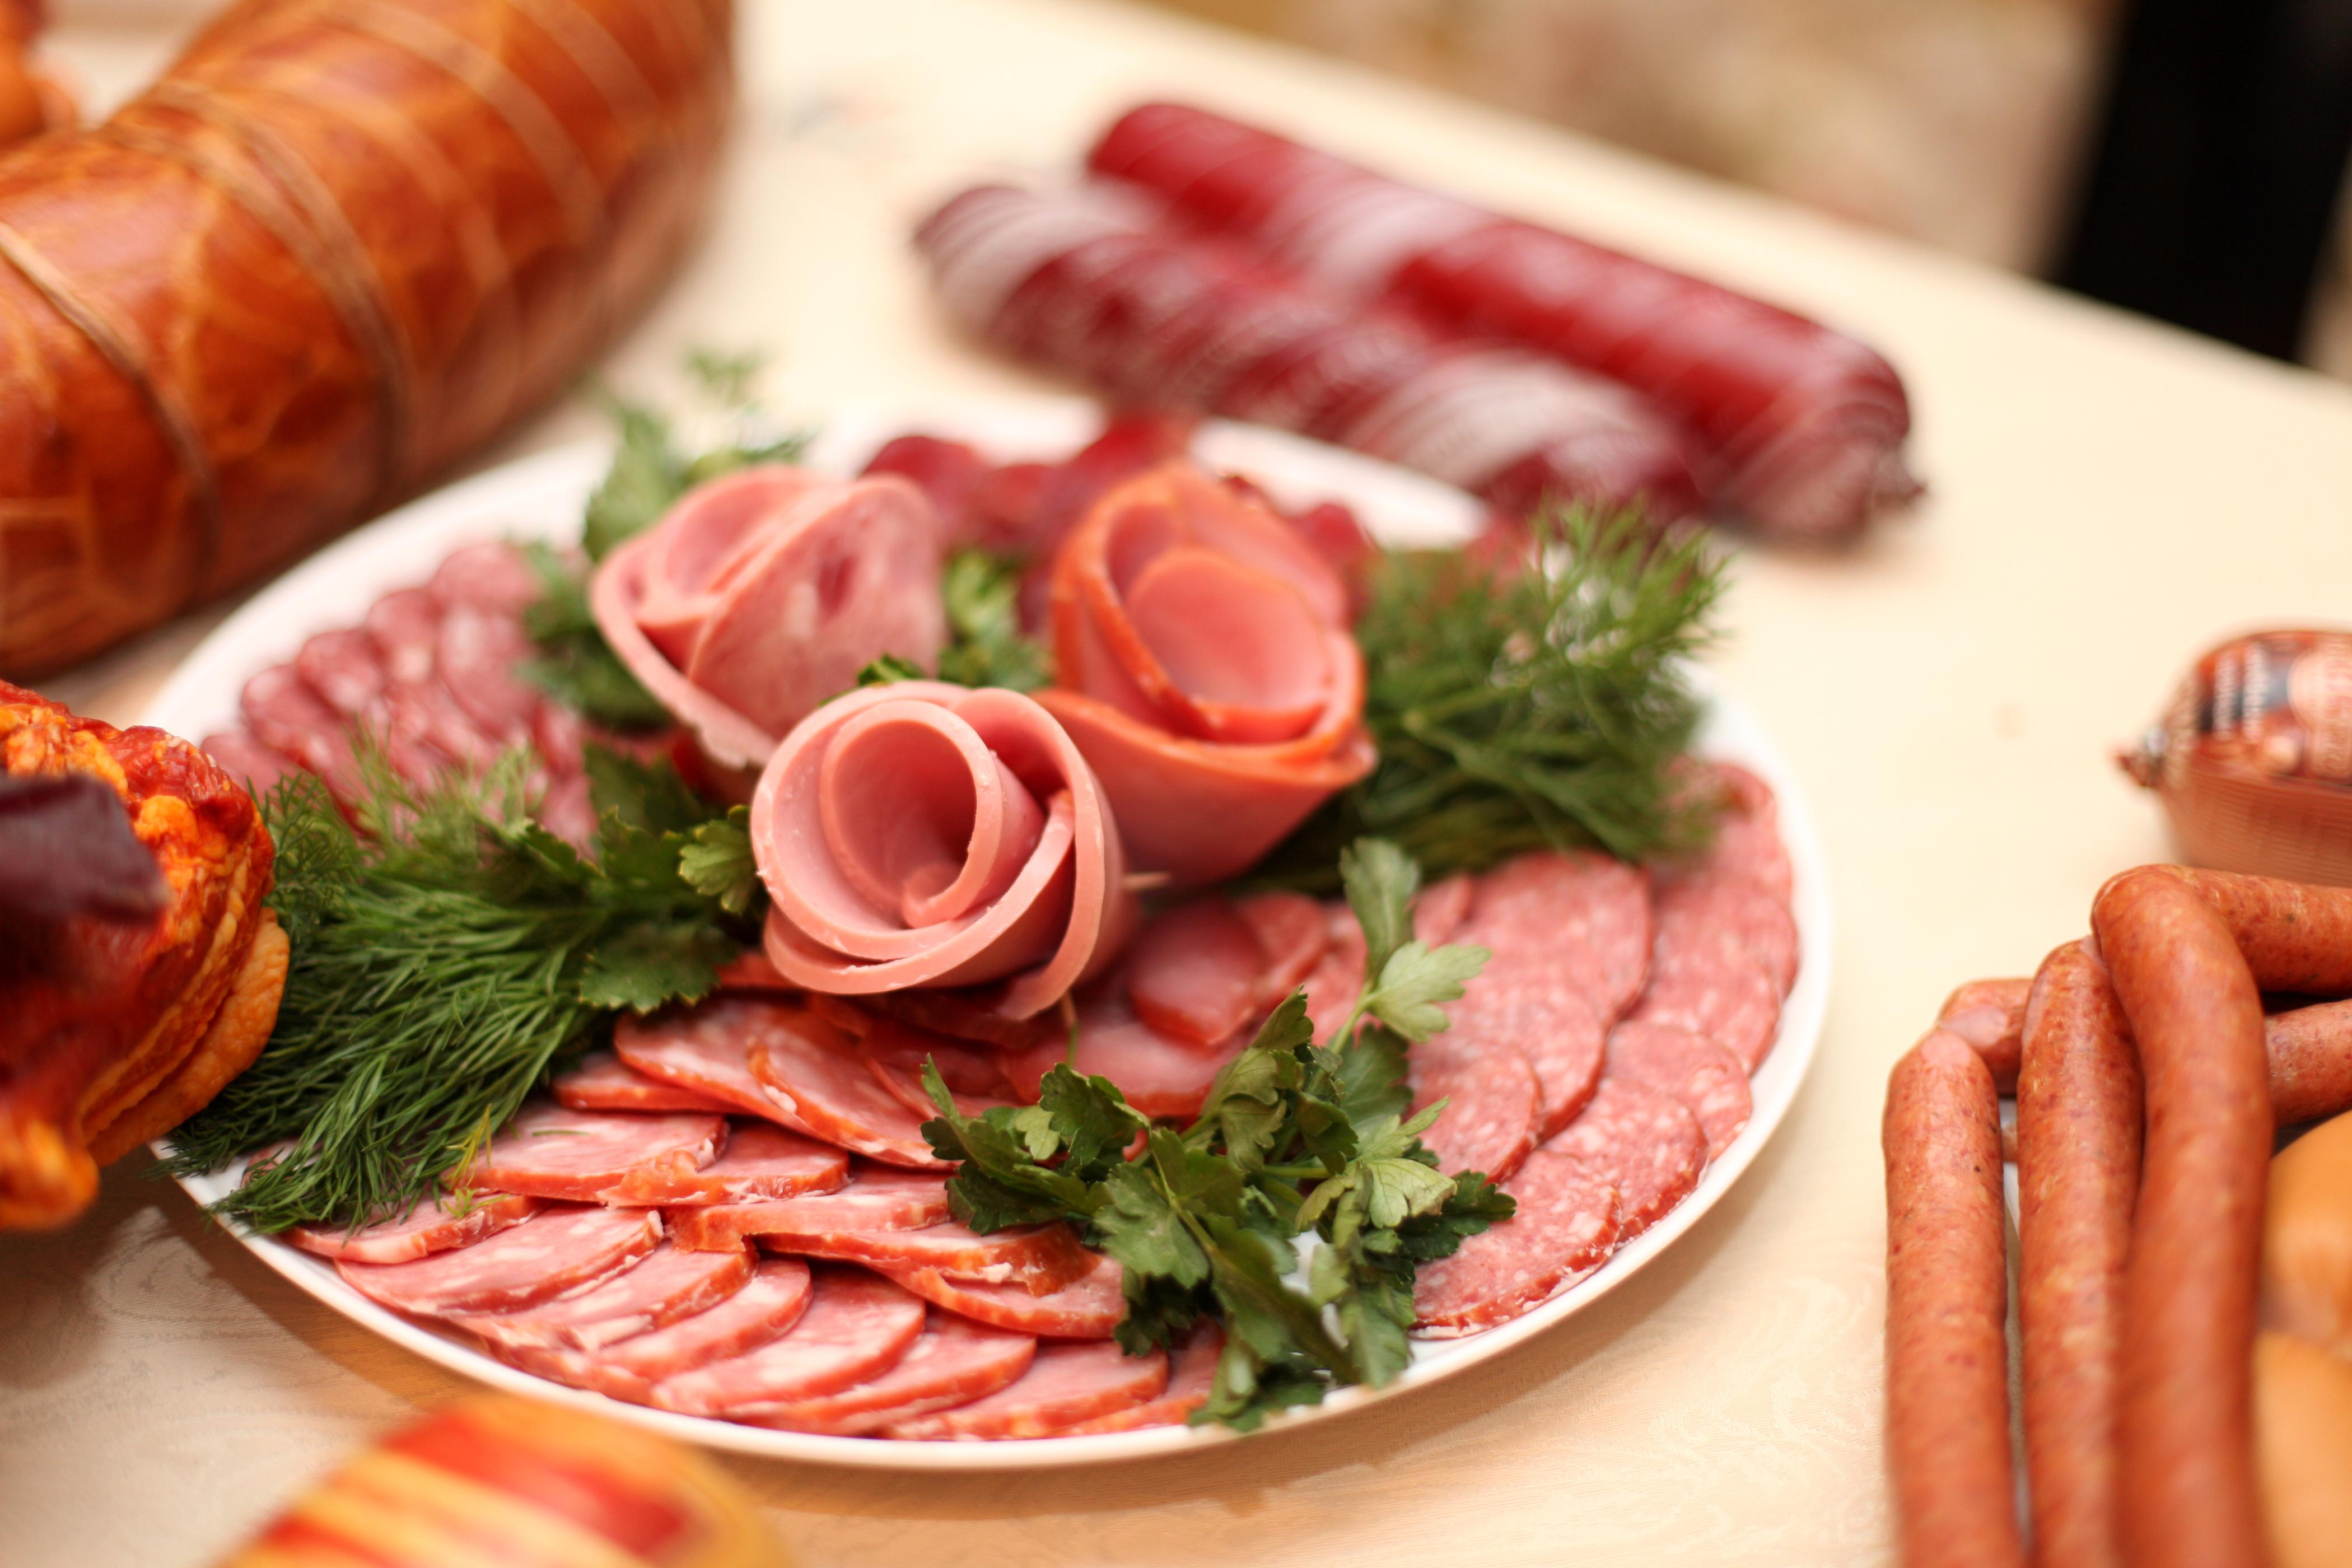 еда колбаса сосиски мясо салат  № 2121933 бесплатно